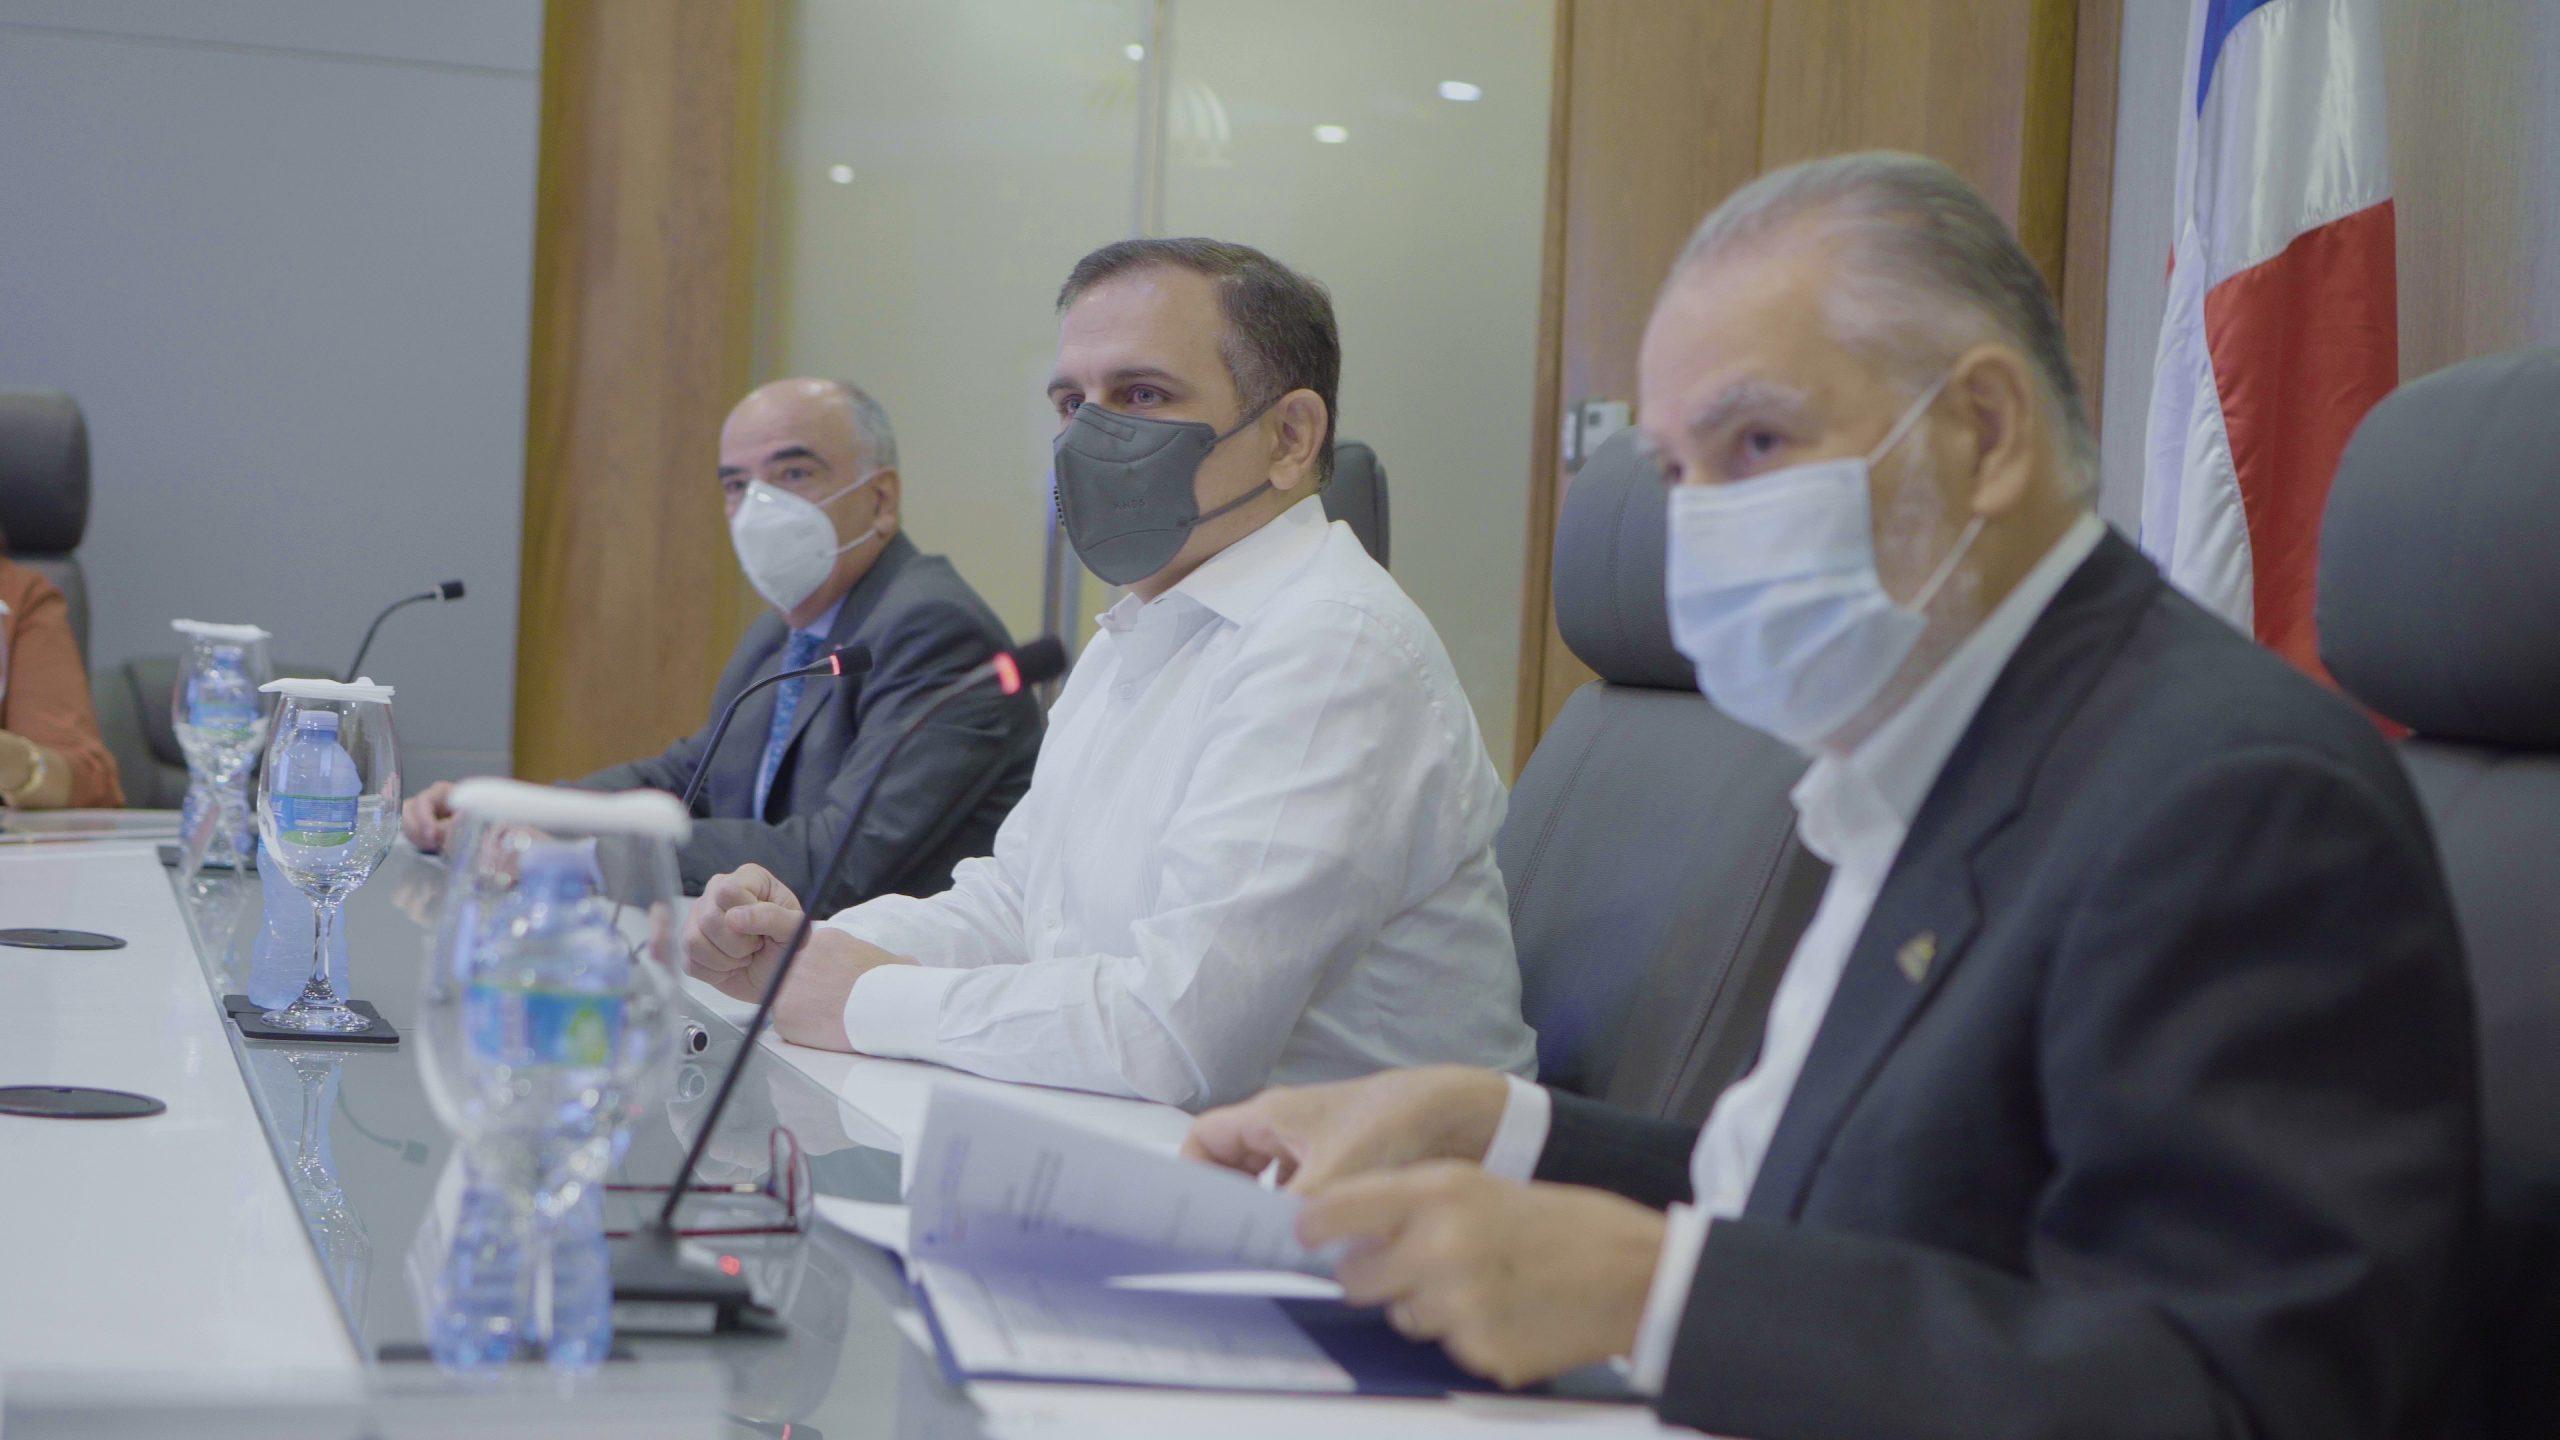 (De izquierda a derecha) Gianluca Grippa, embajador de la Unión Europea en el país; Jochi Vicente, ministro de Hacienda, y Miguel Ceara Hatton, ministro de Economía, Planificación y Desarrollo.